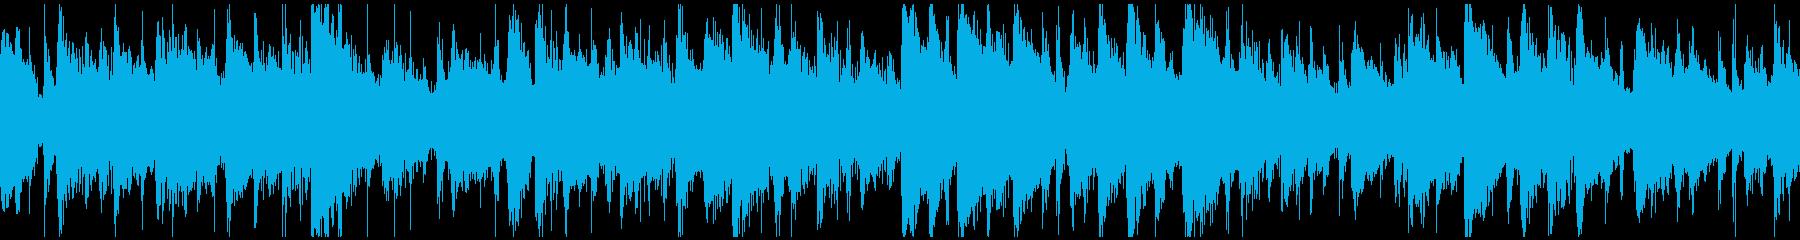 生演奏お正月「一月一日」ボサノバ ループの再生済みの波形